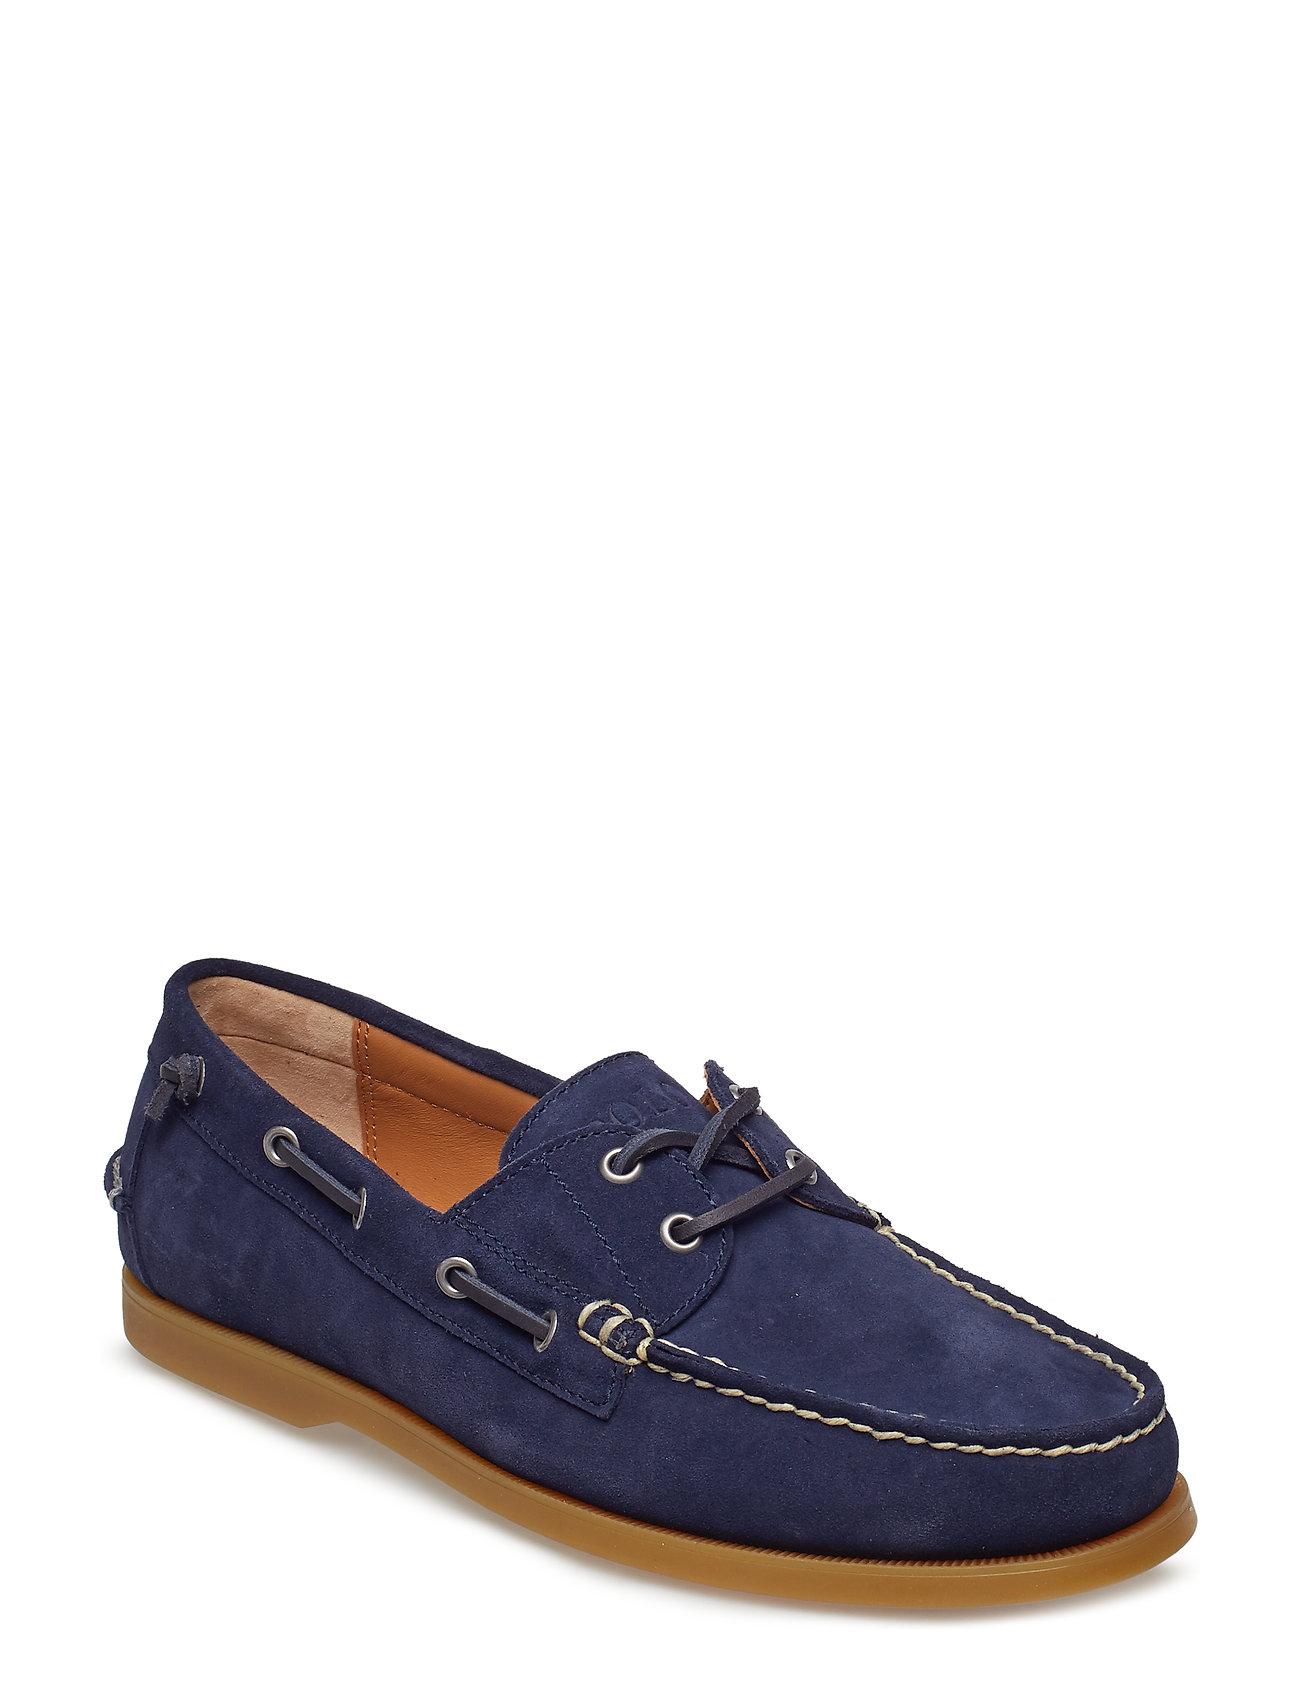 Polo Ralph Lauren Merton Suede Boat Shoe - NEWPORT NAVY